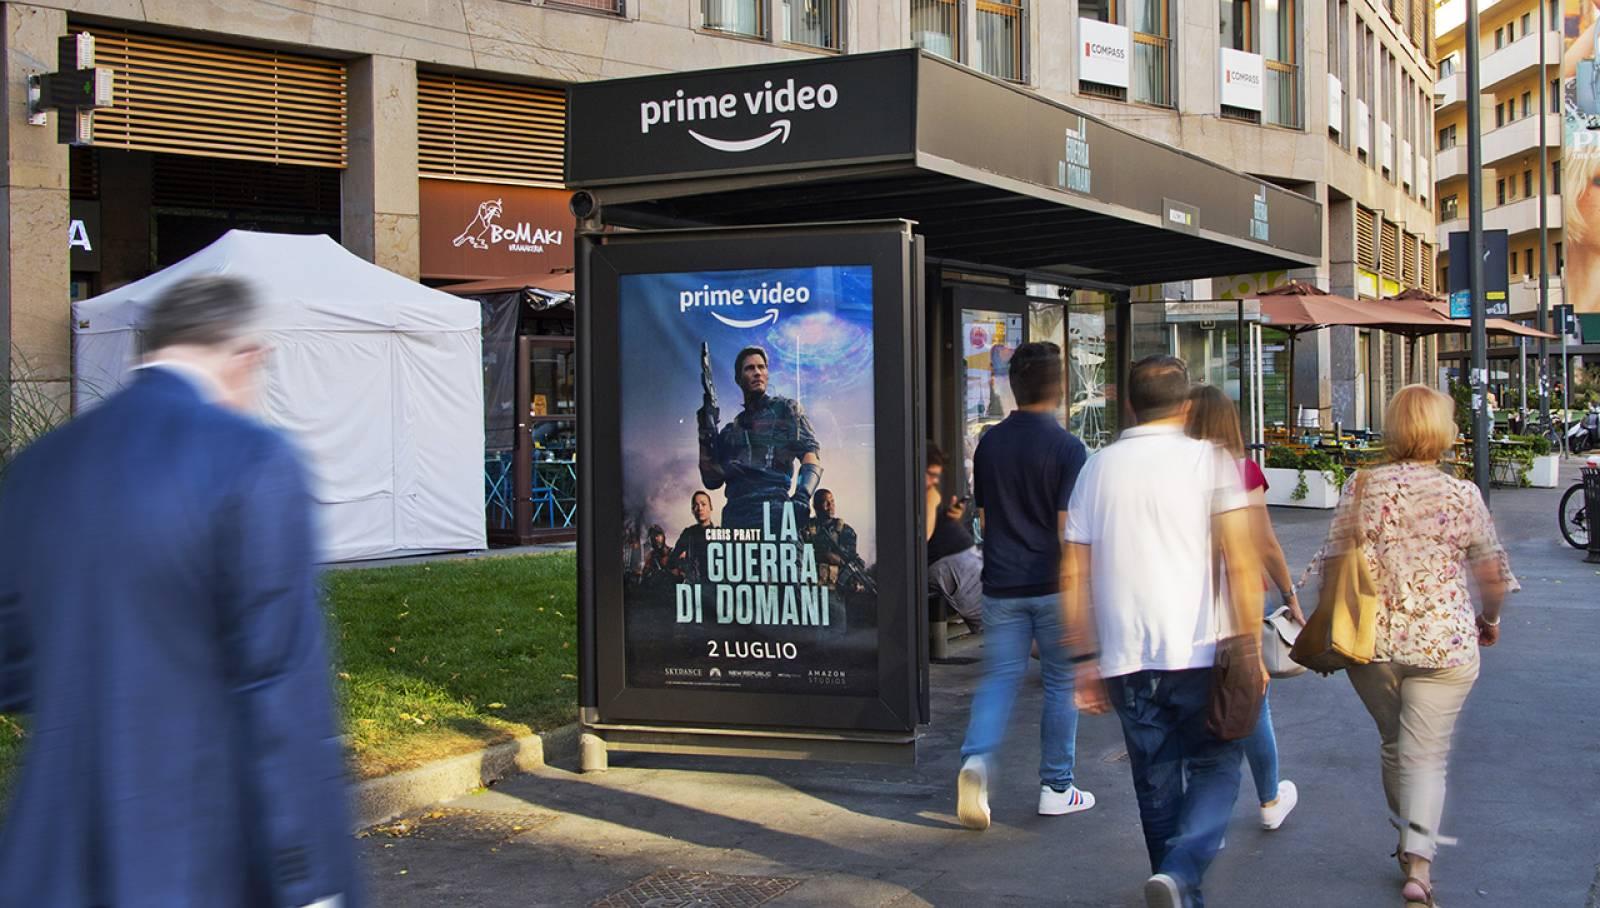 IGPDecaux Creative Solutions Brand pensilina a Milano per Amazon Prime Video